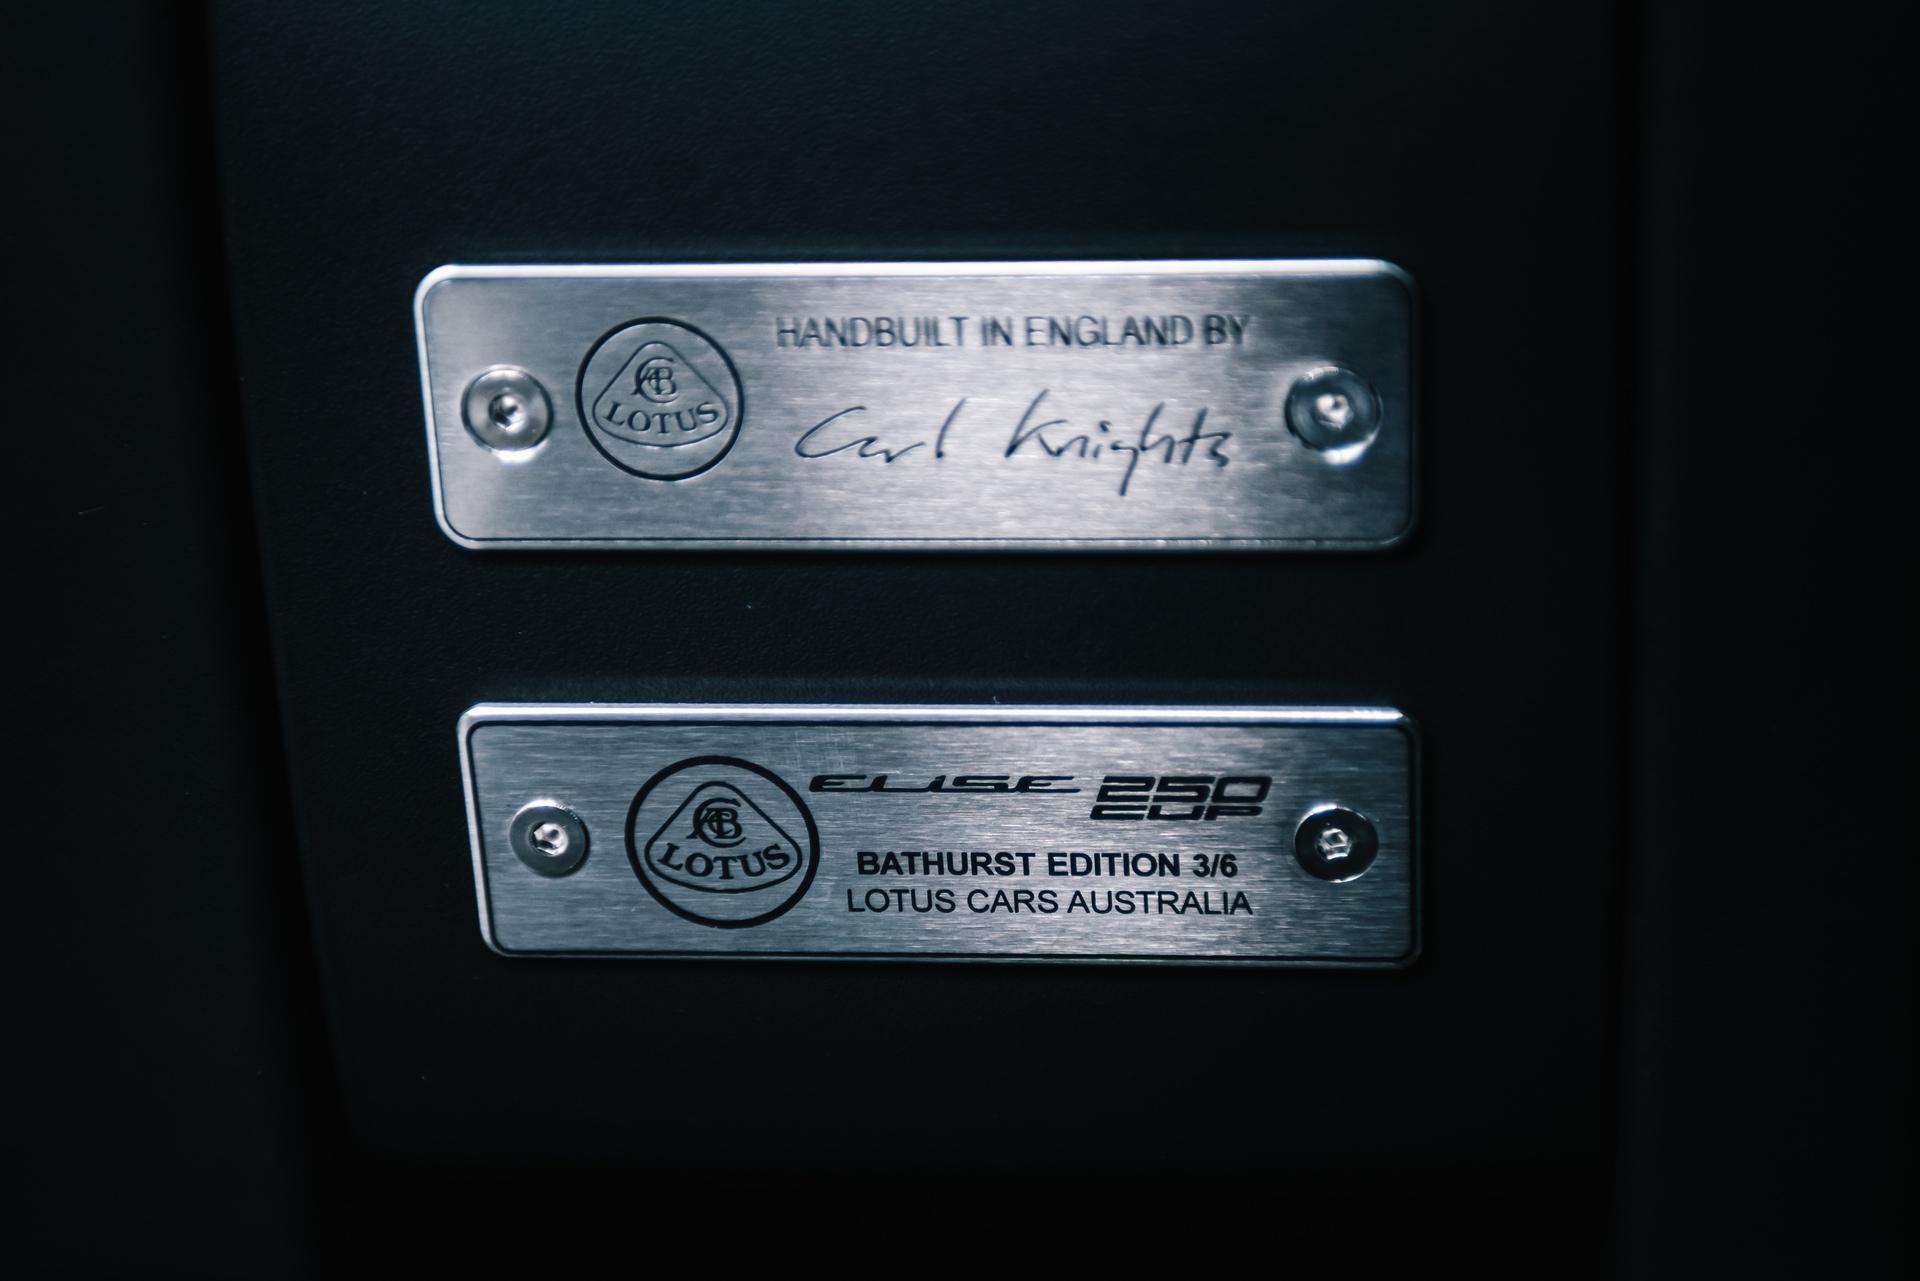 Bathurst Edition Lotus Elise CUP 250